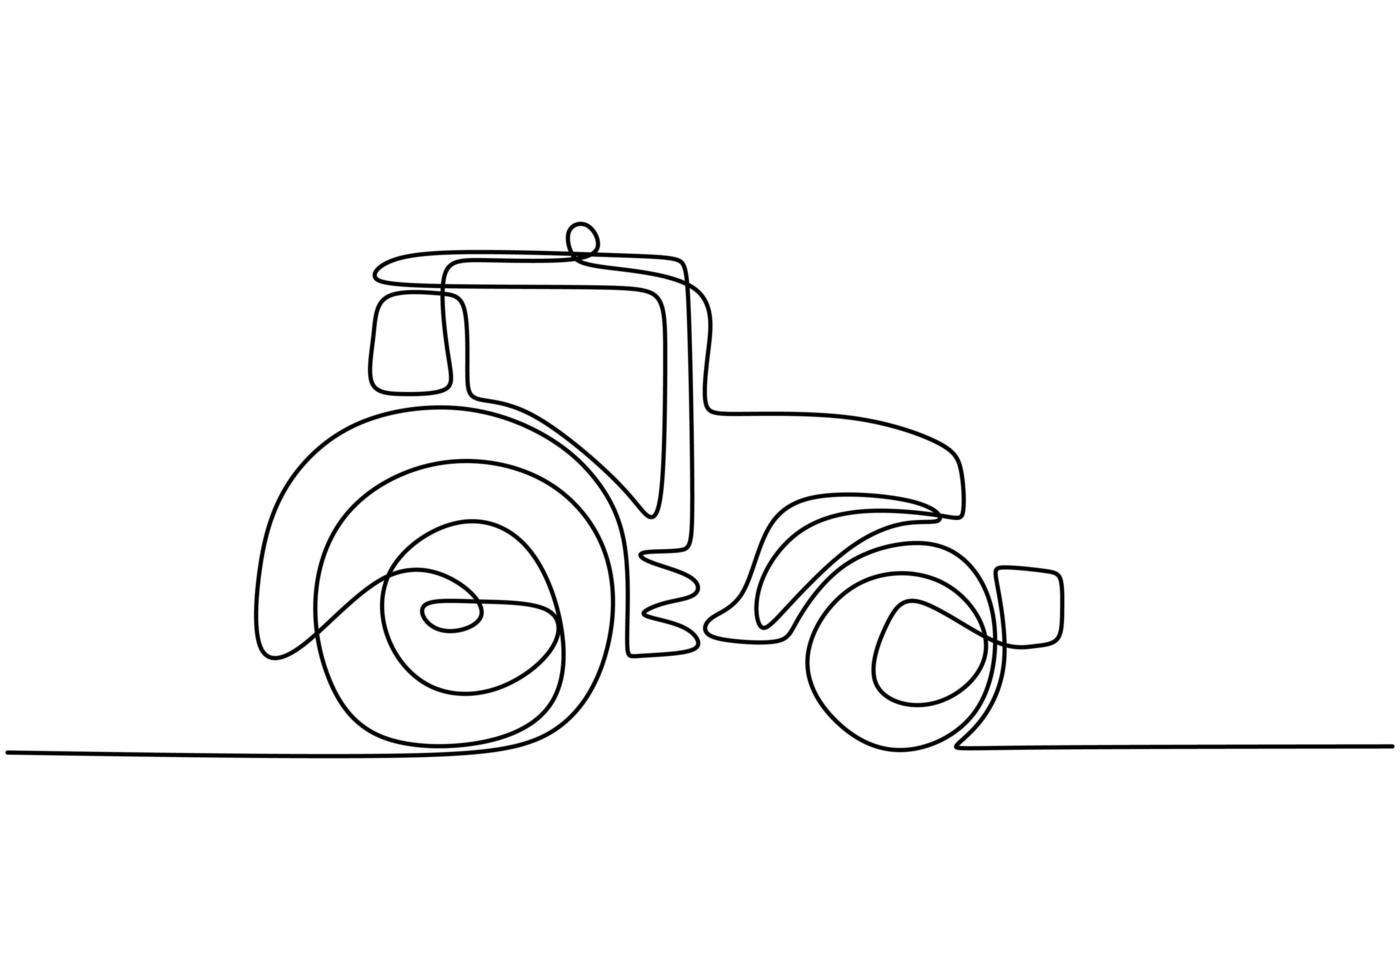 dessin au trait continu de voiture de course vintage conduite sur route poussiéreuse. vieille voiture auto vintage rétro. vecteur